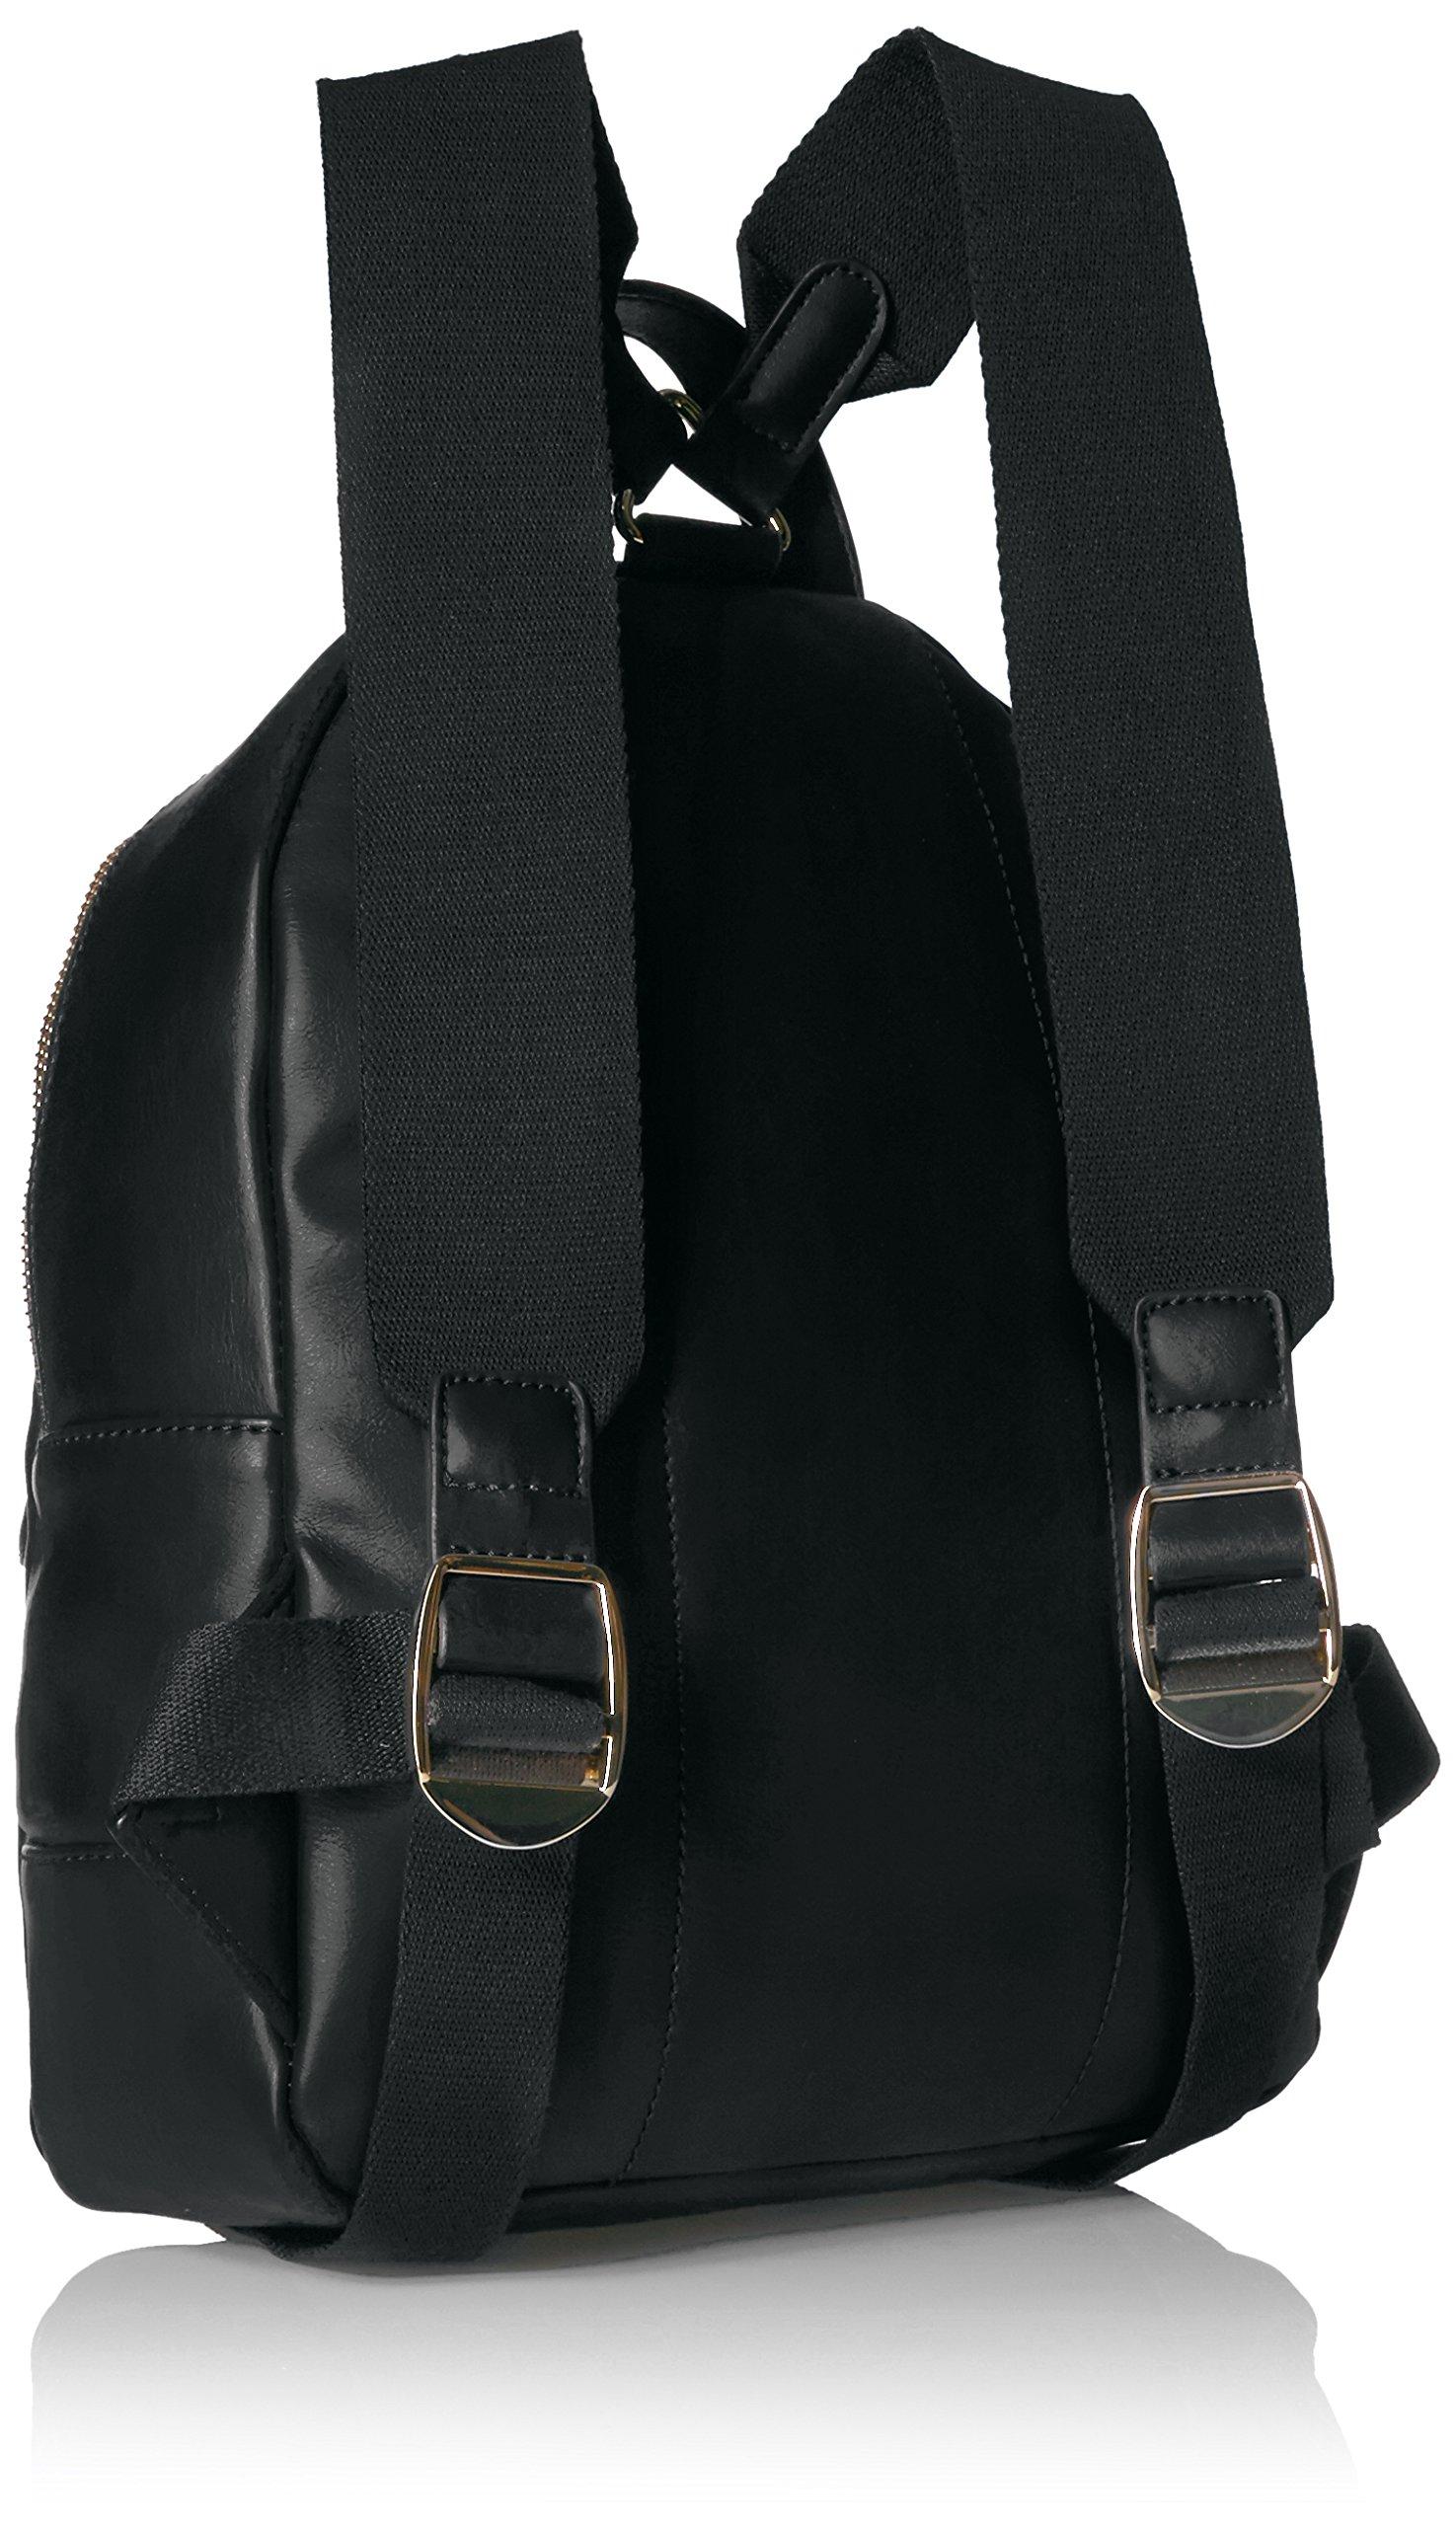 Tommy Hilfiger Backpack for Women Jaden, Black Polyvinyl Chloride by Tommy Hilfiger (Image #2)